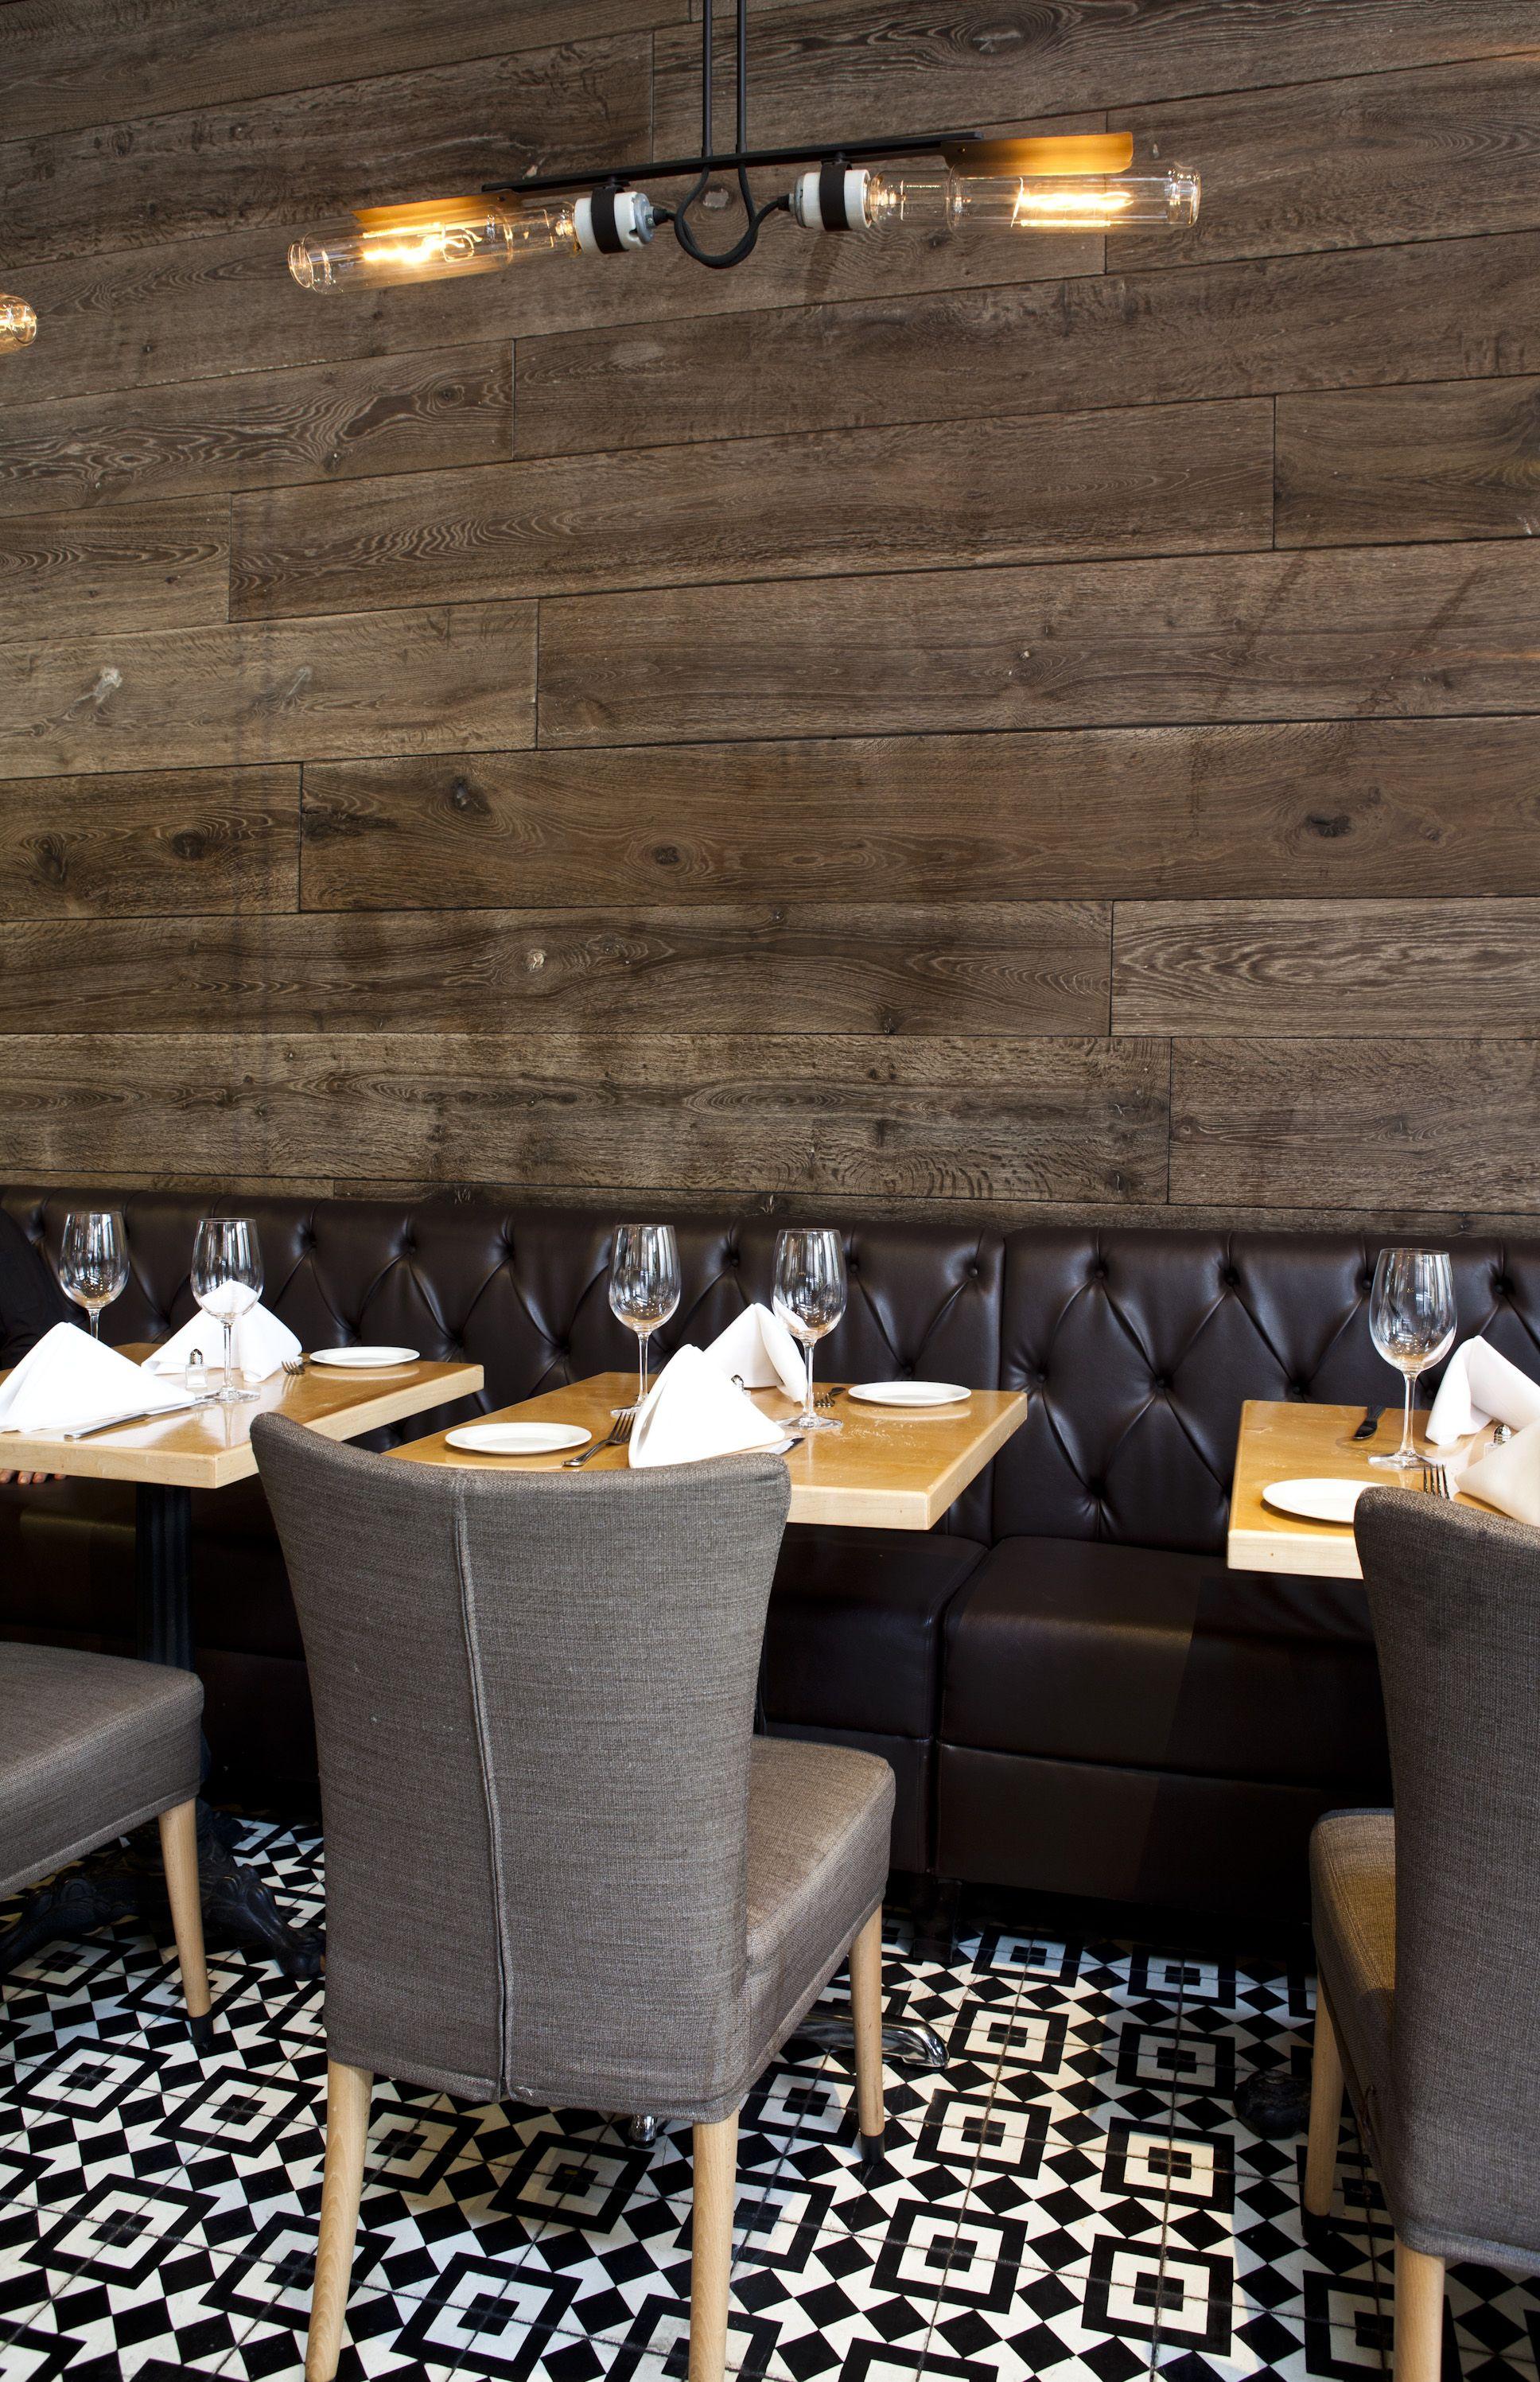 un restaurant classique design d 39 int rieur d coration restaurant luxe plus de nouveaut s. Black Bedroom Furniture Sets. Home Design Ideas